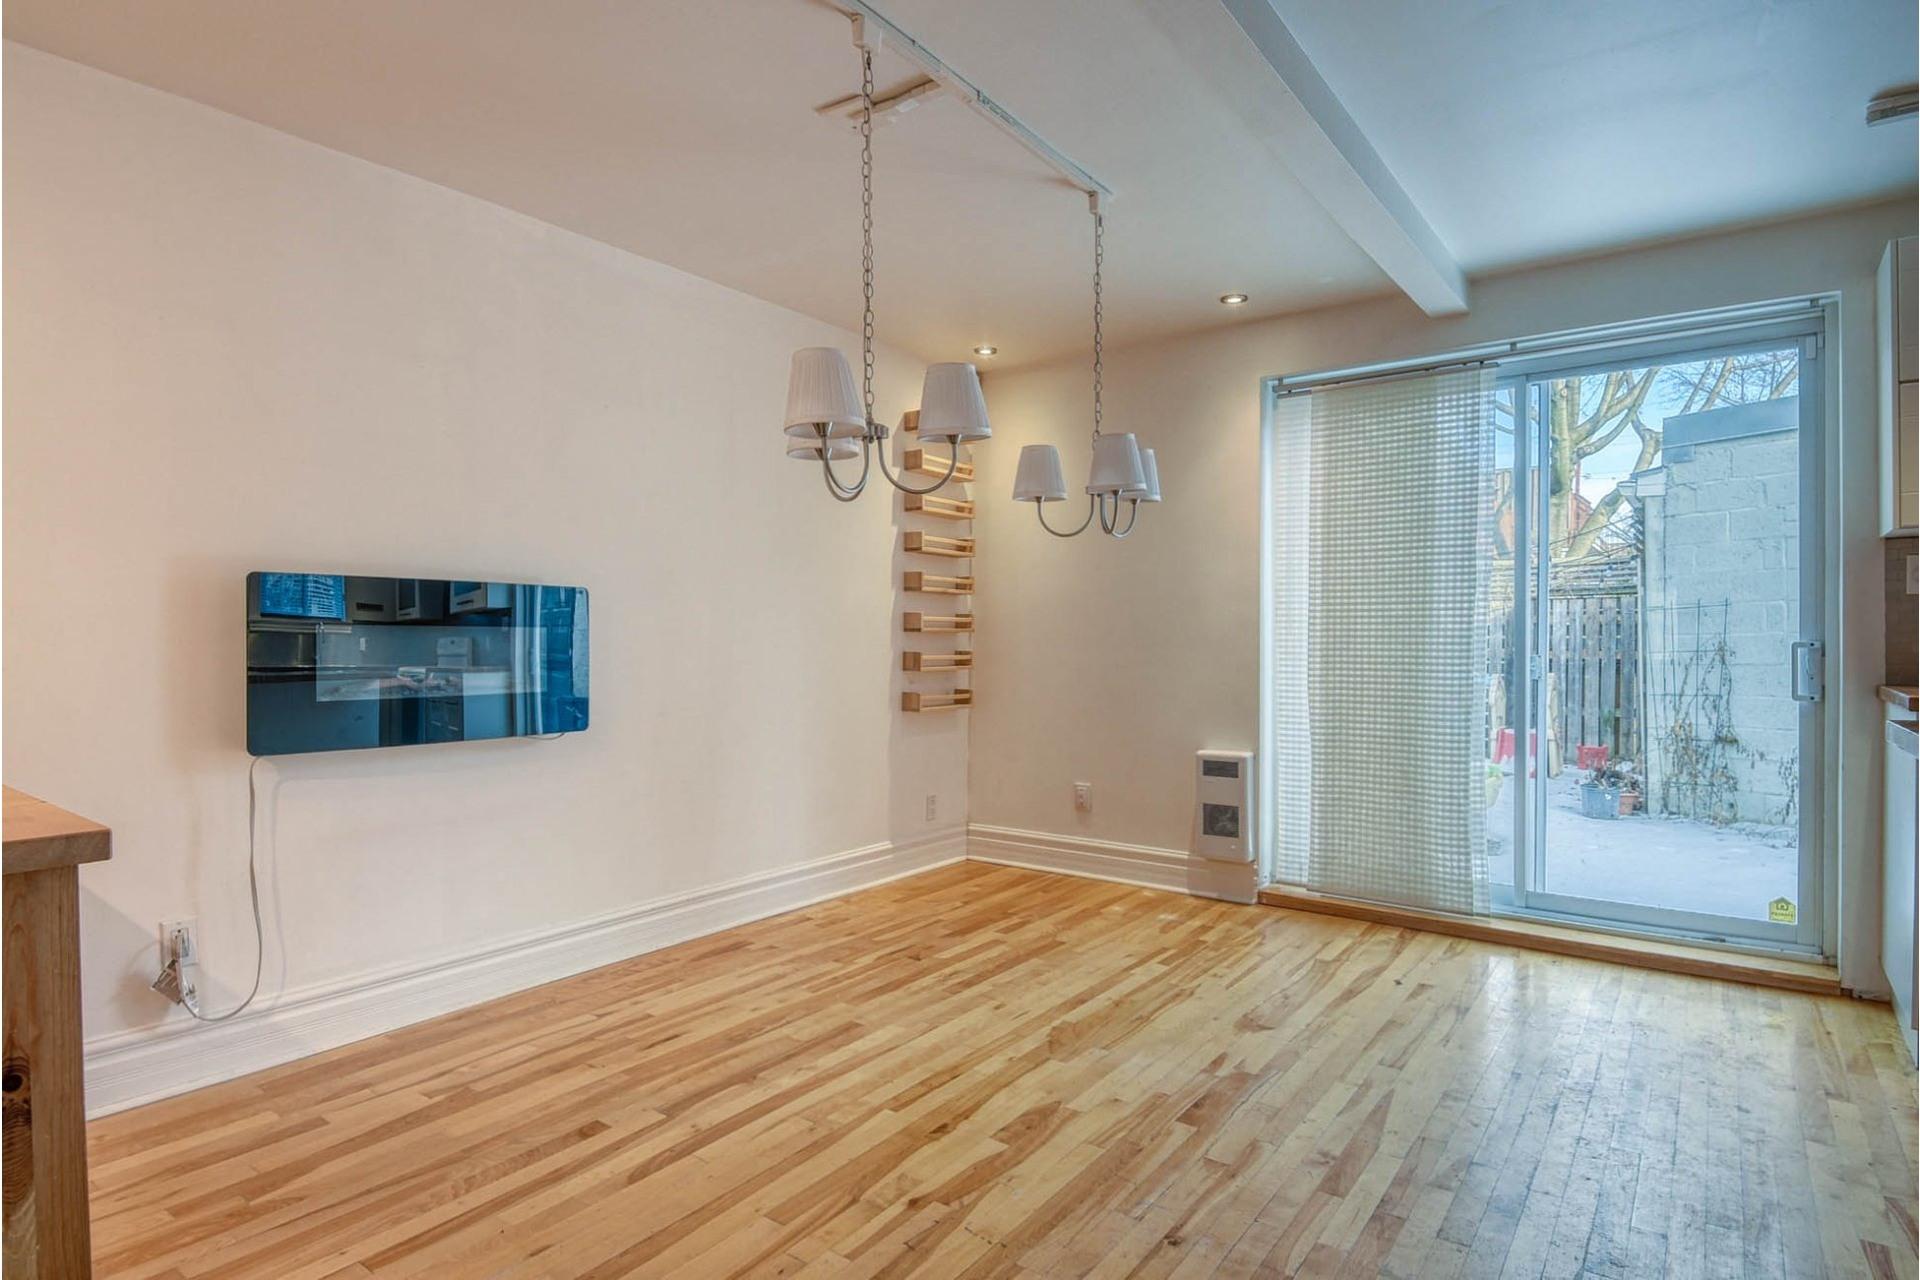 image 9 - Duplex À vendre Le Sud-Ouest Montréal  - 5 pièces